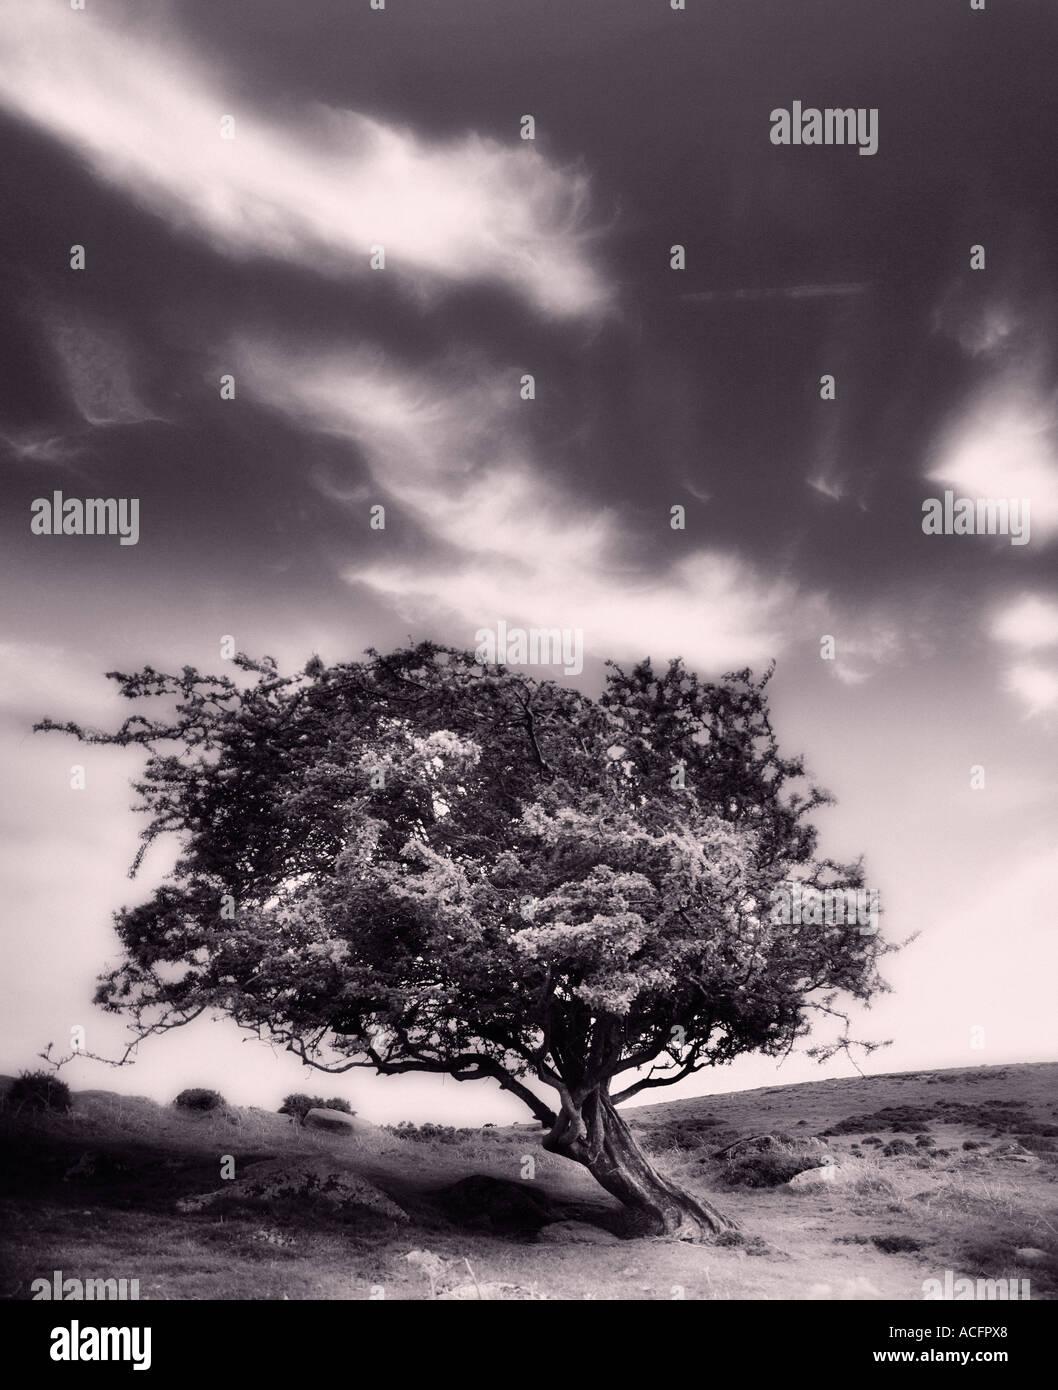 Photo sépia d'un arbre dans les landes balayées par les Photo Stock